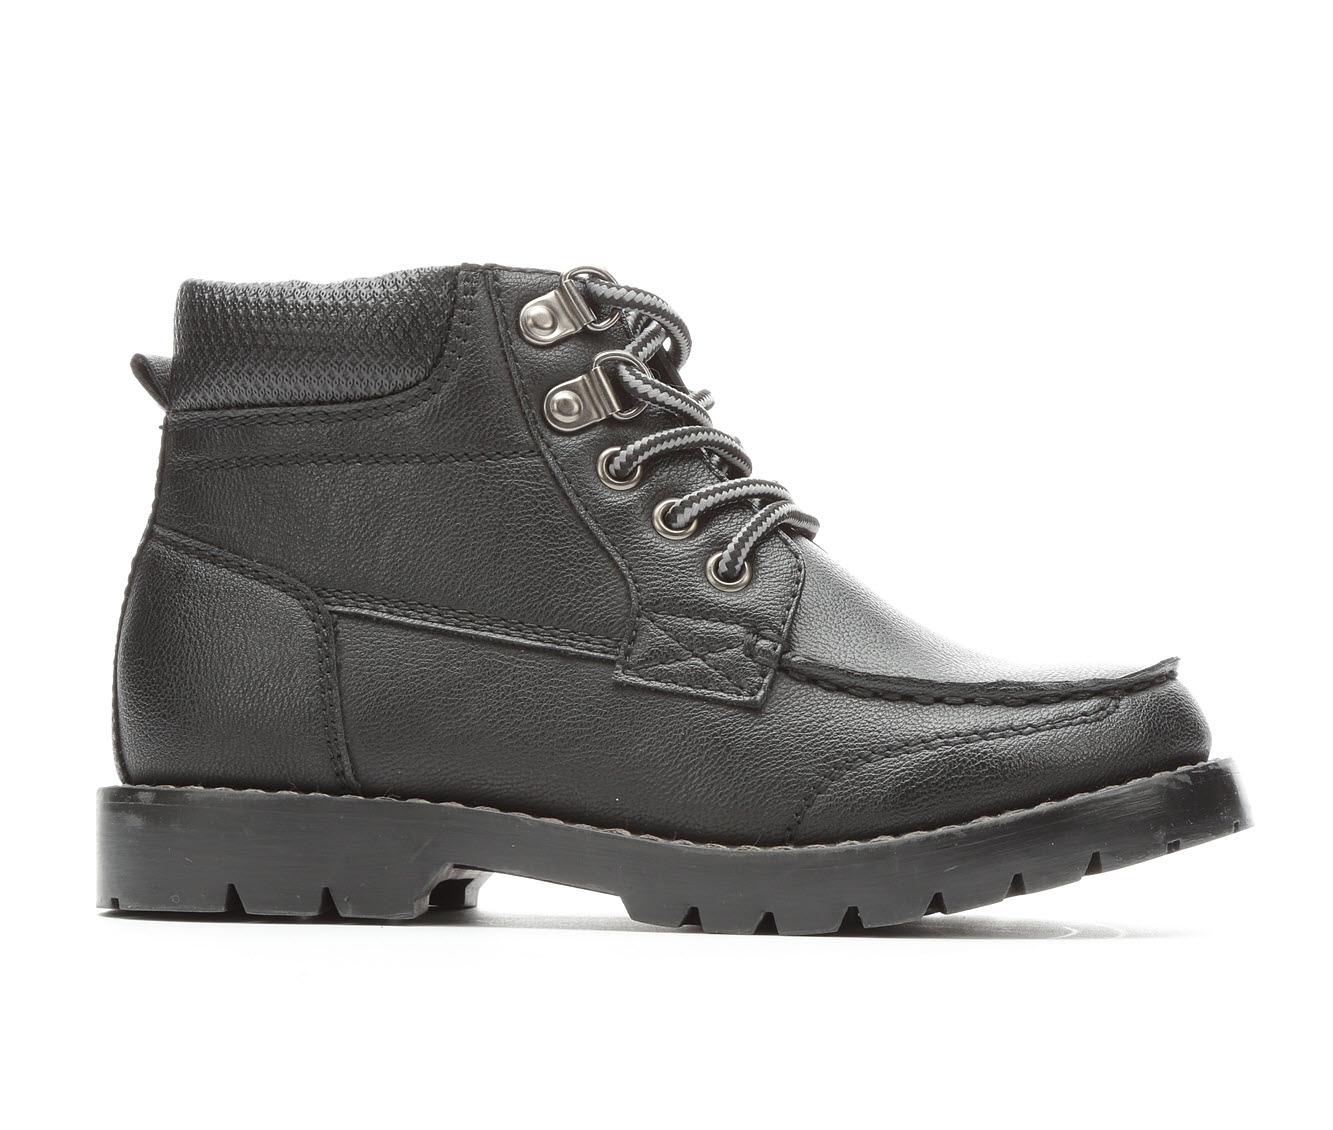 Boys' Perry Ellis Aiden Children's Shoes (Black)